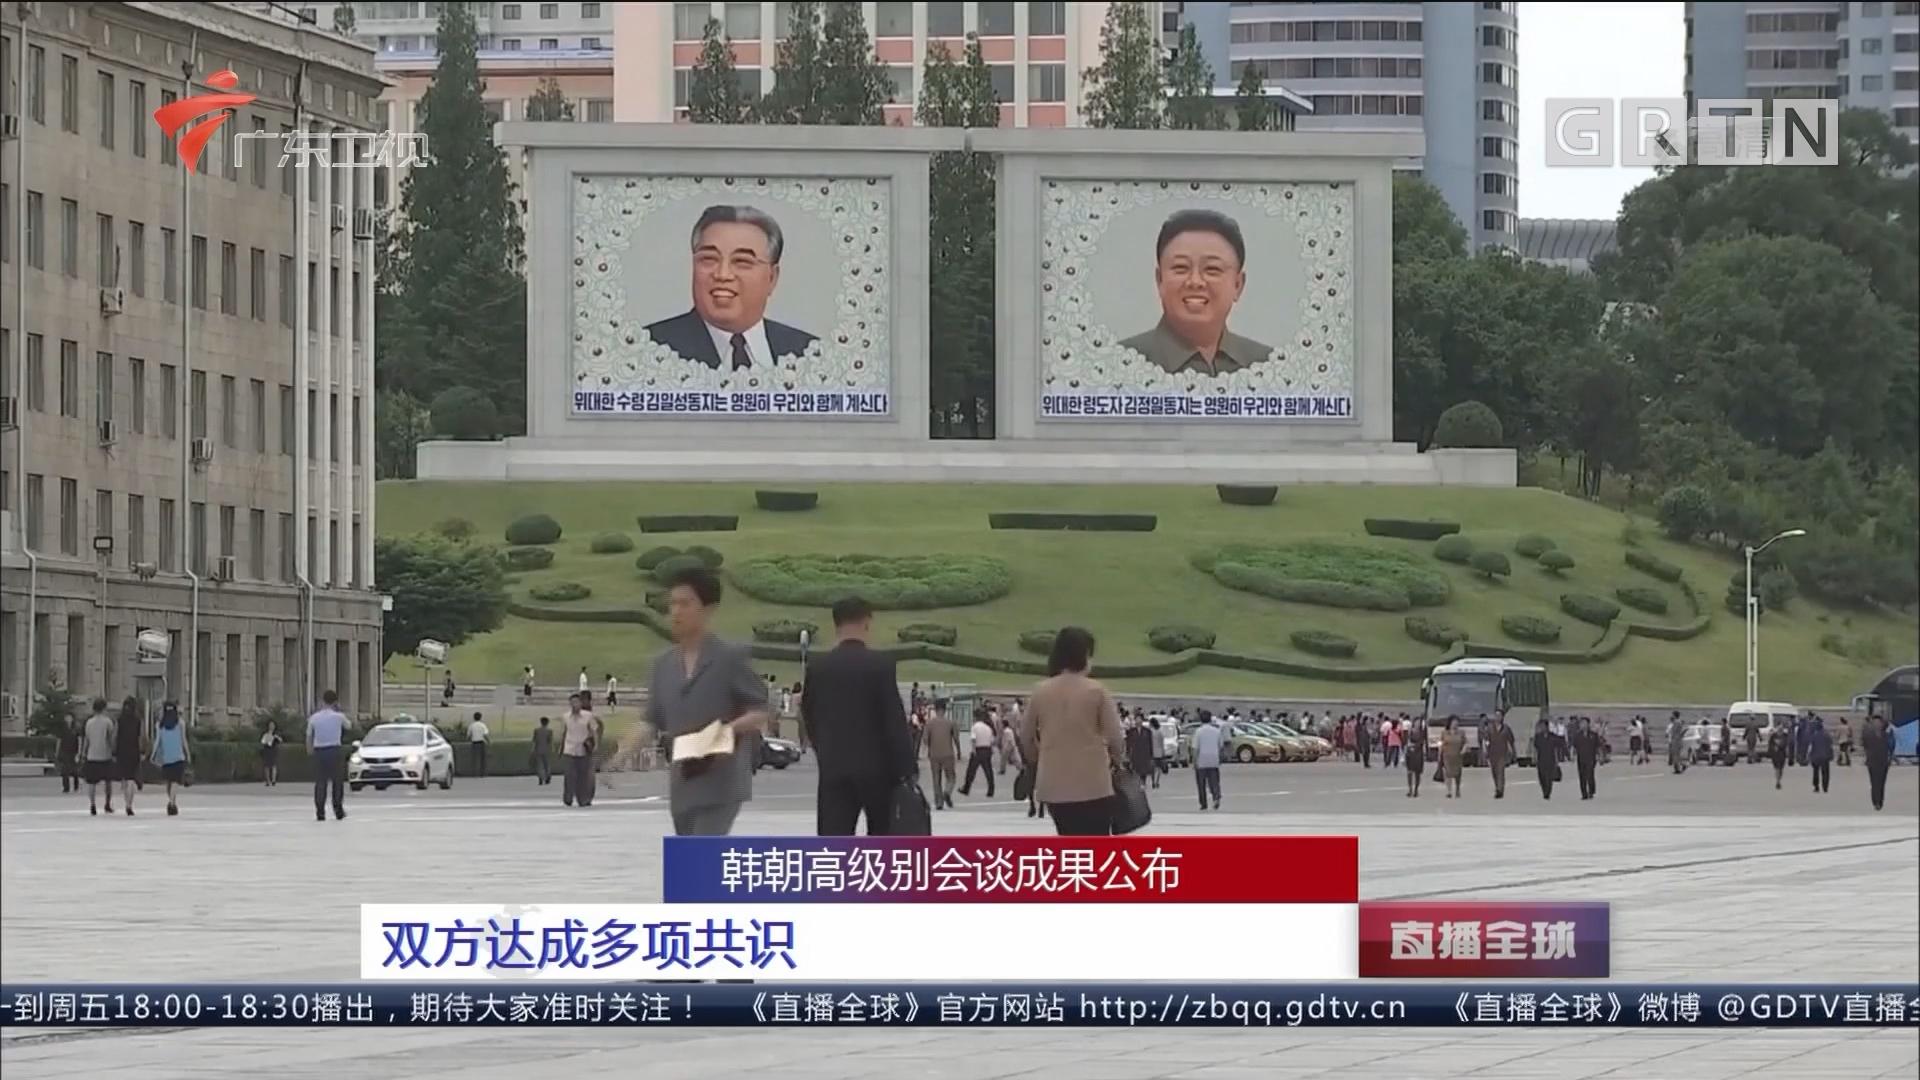 韩朝高级别会谈成果公布 双方达成多项共识